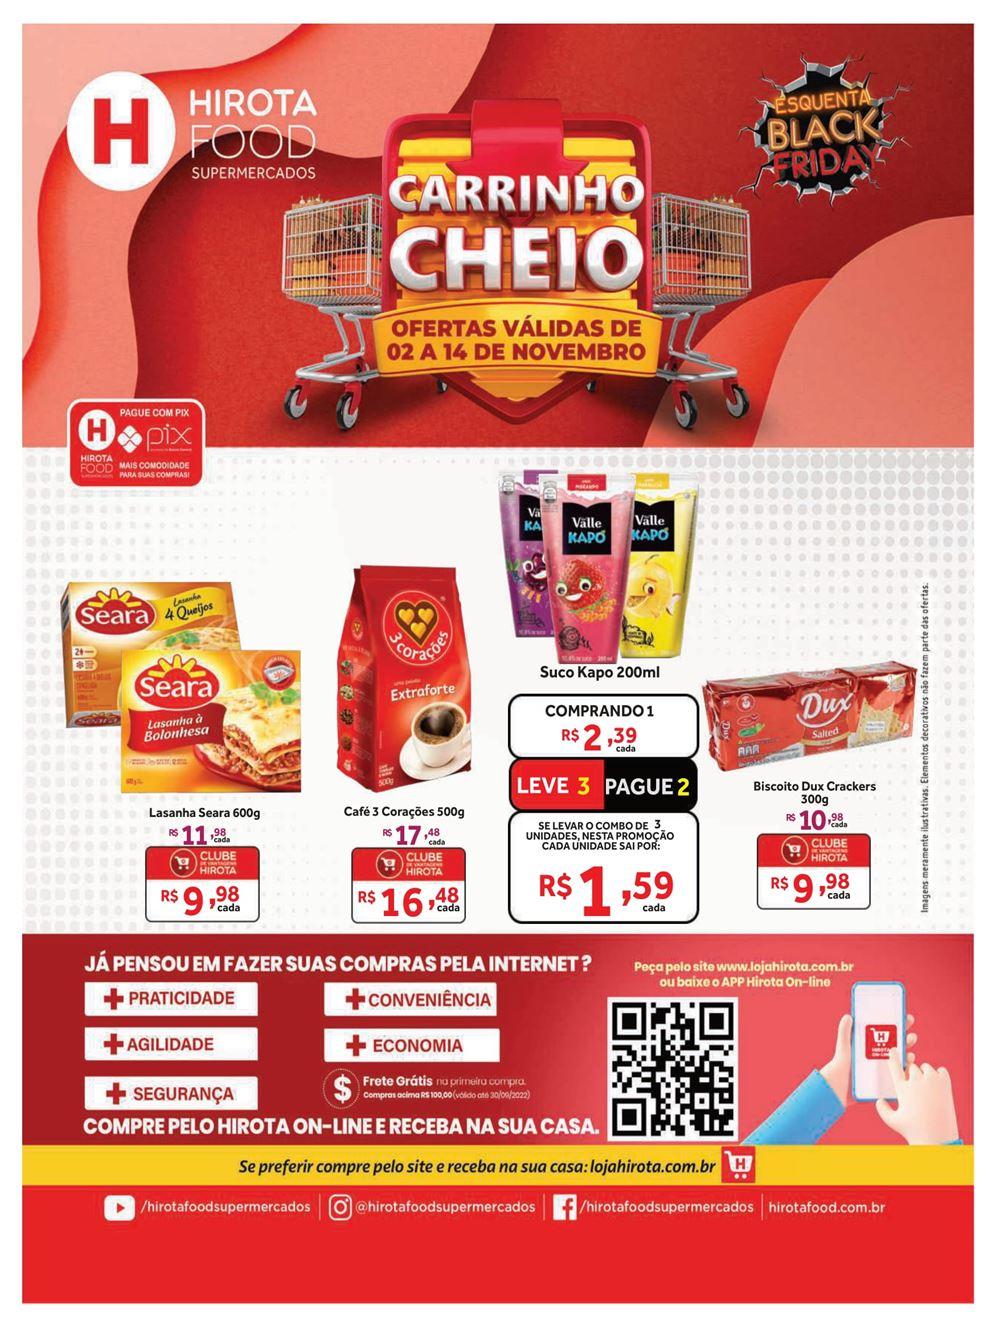 hirota-ofertas-descontos-hoje1-15 Ofertas de supermercados